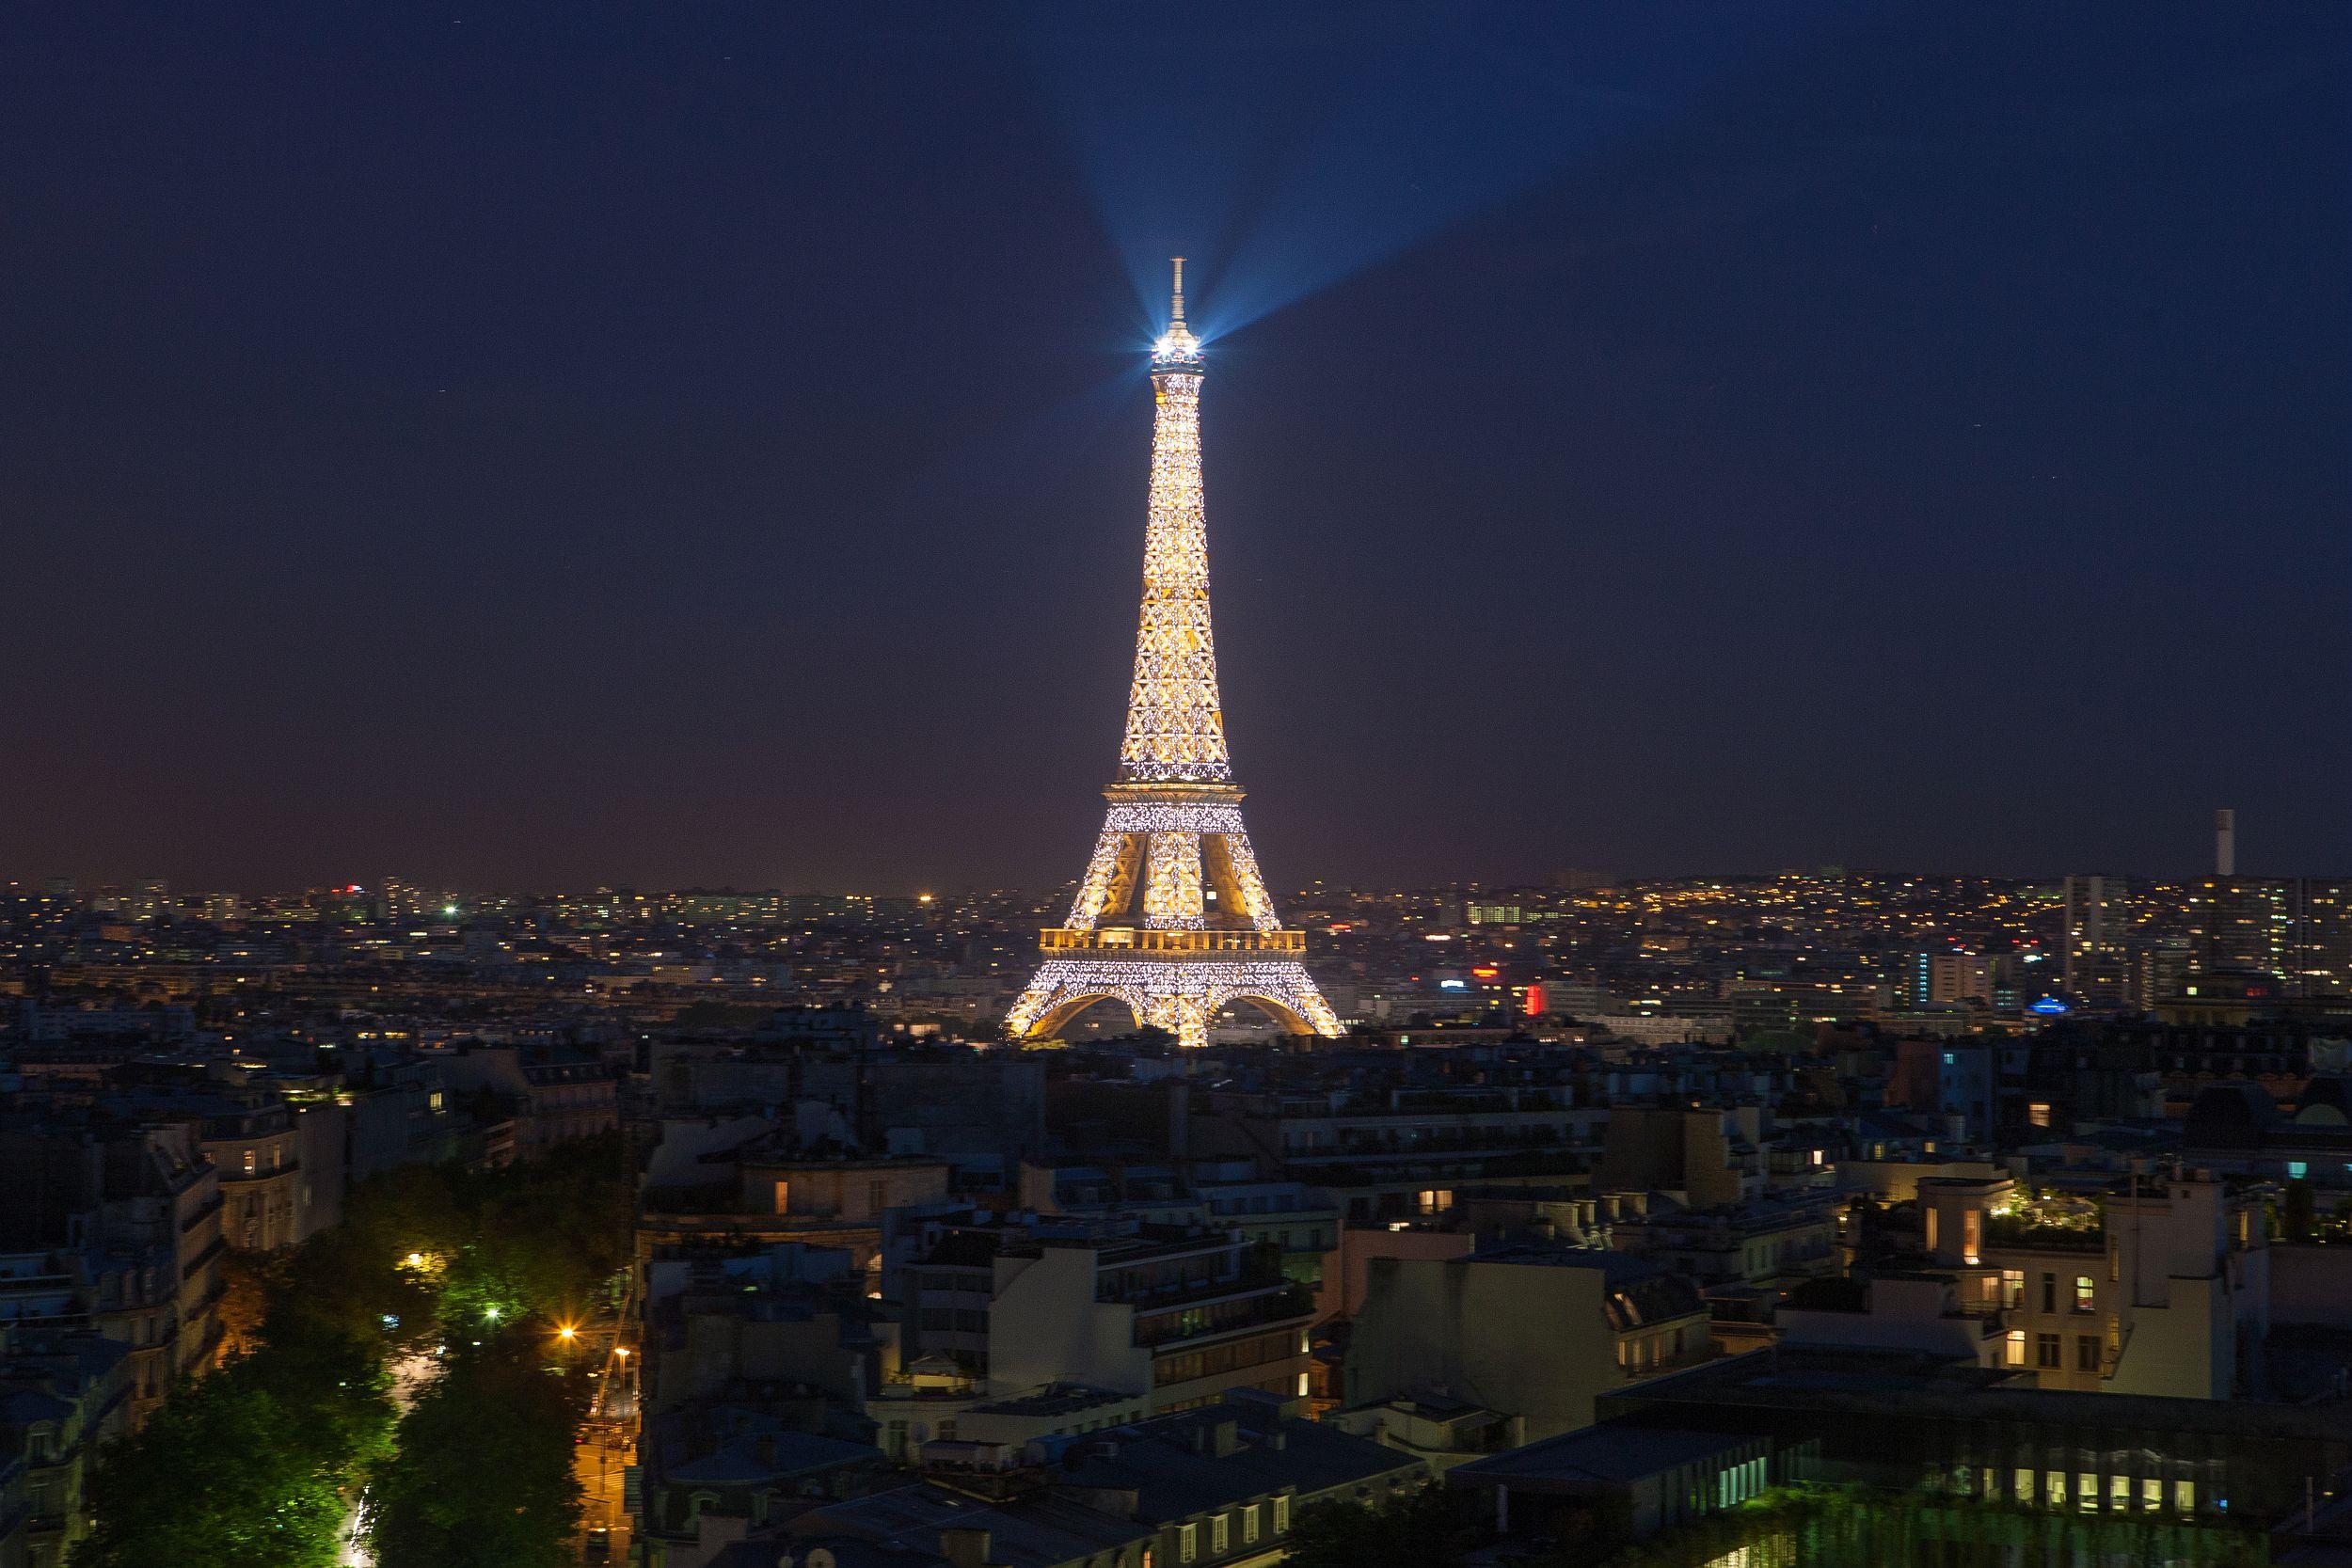 france, région ile de france, paris 8e arrondissement, place charles de gaulle, etoile, au sommet de l'arc de triomphe, panorama,